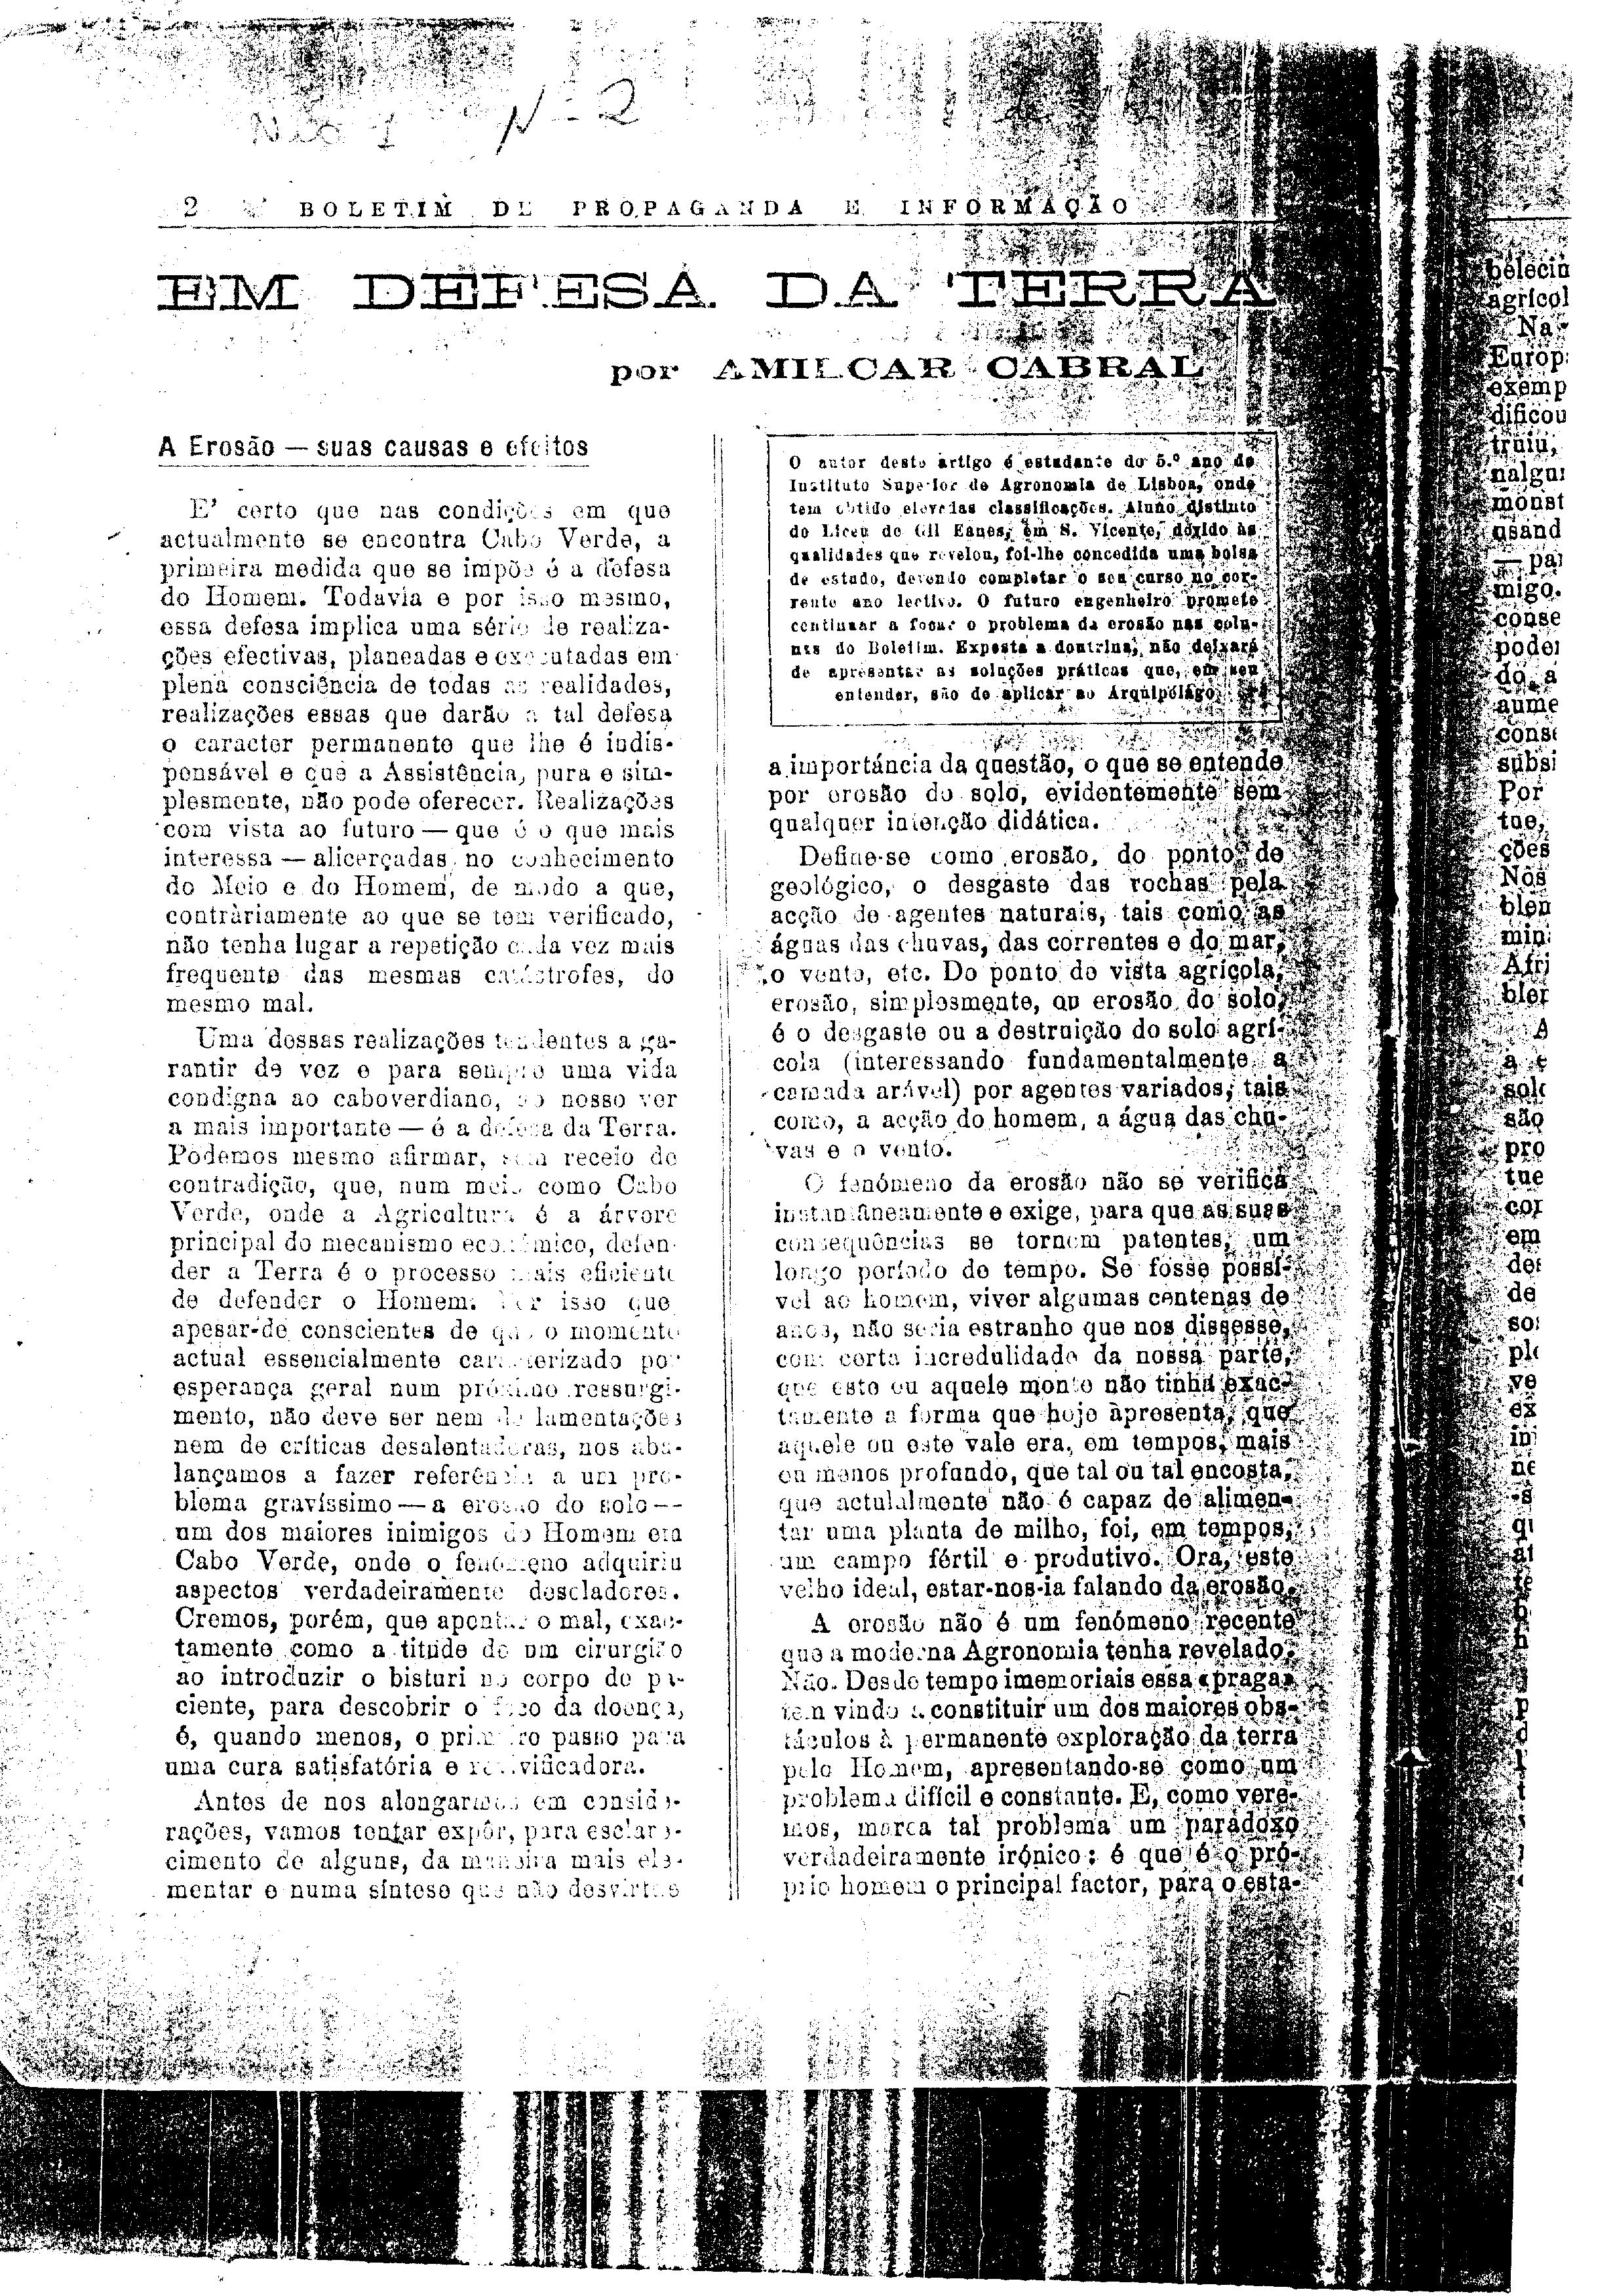 07701.032- pag.1